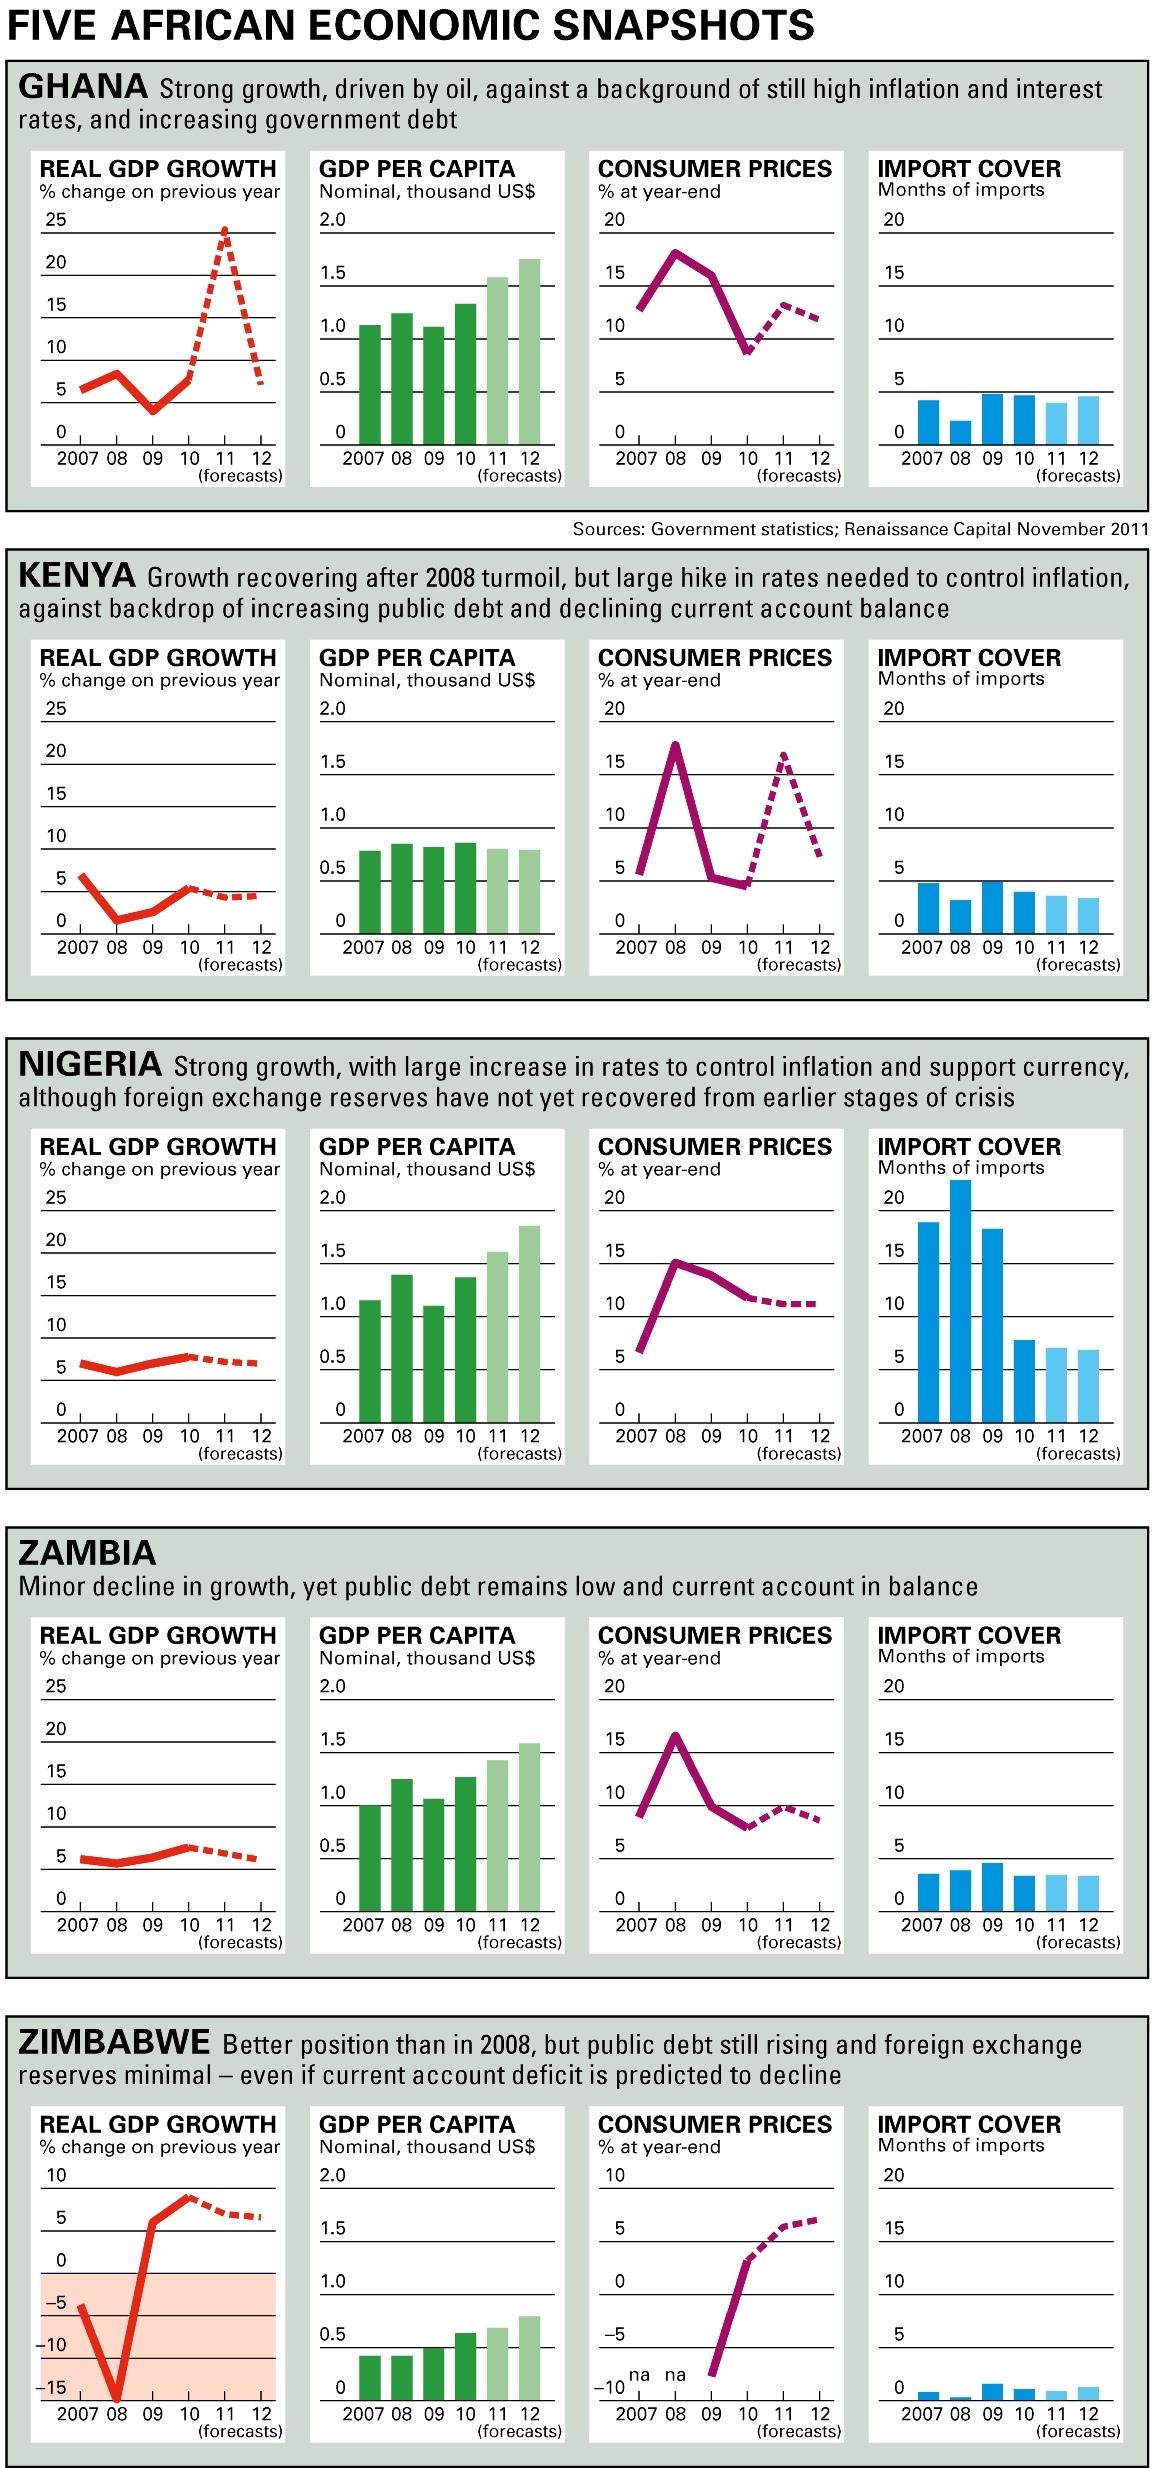 Five African economic snapshots